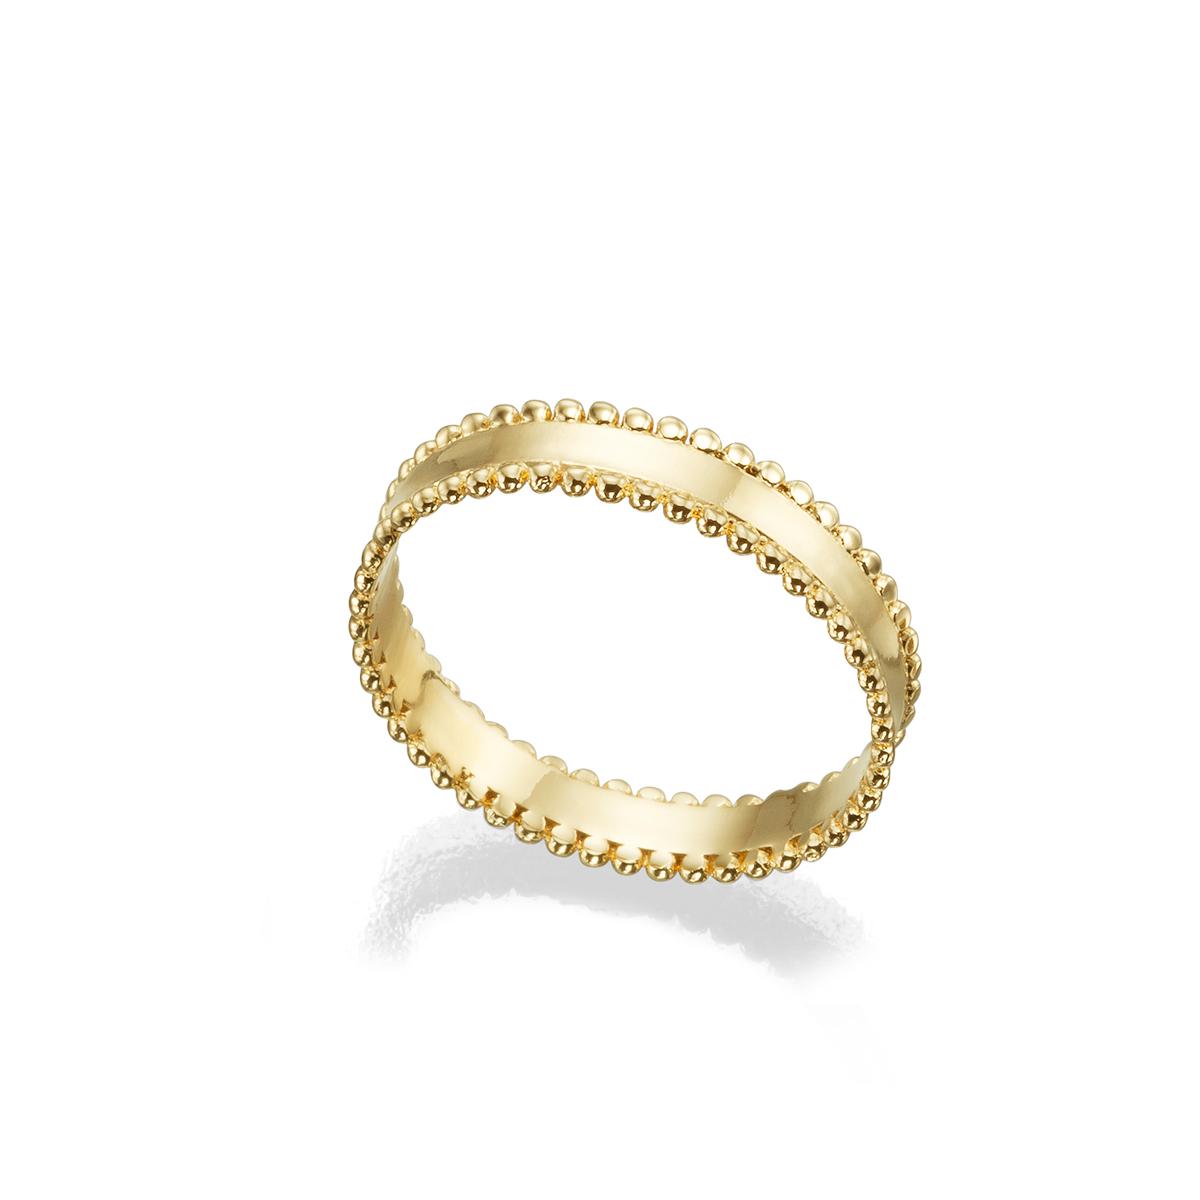 טבעת זהב לאישה מעוטרת שוליים מכדורי זהב